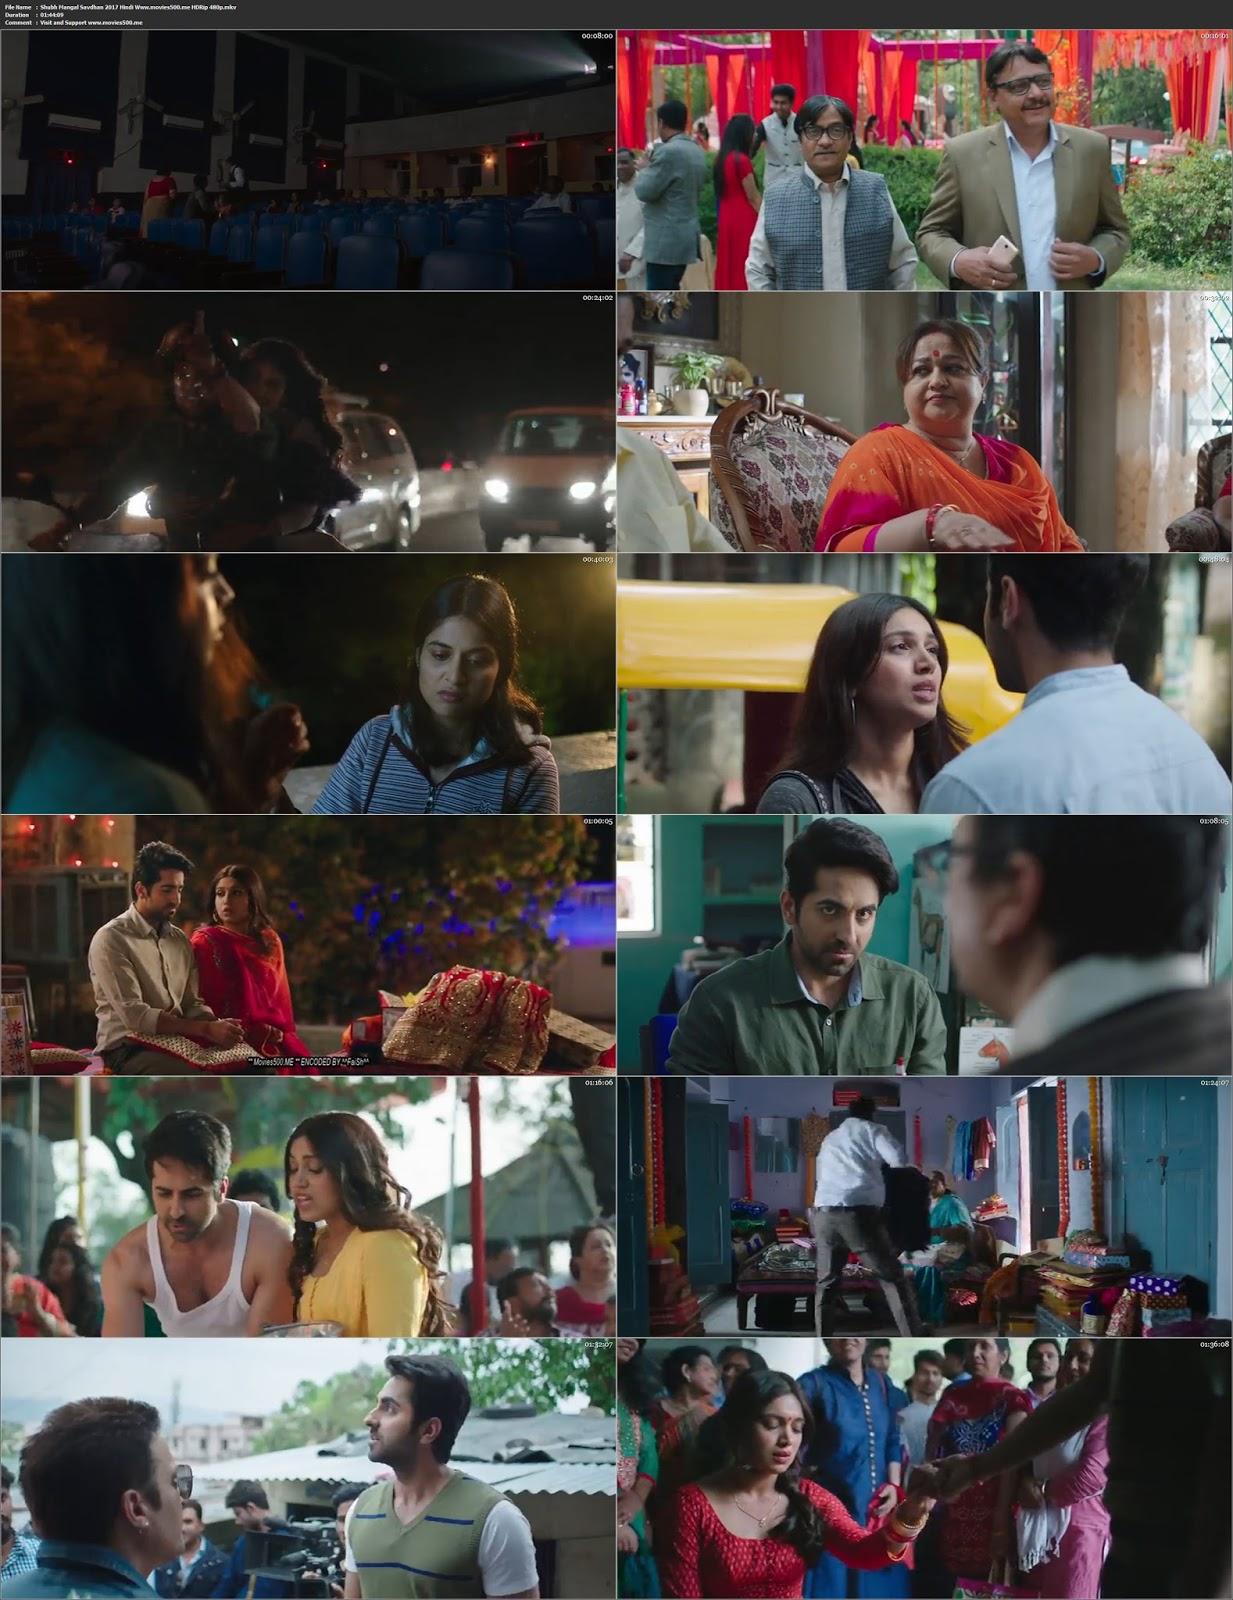 Shubh Mangal Saavdhan 2017 Bollywood 300MB HDRip 720p at movies500.bid